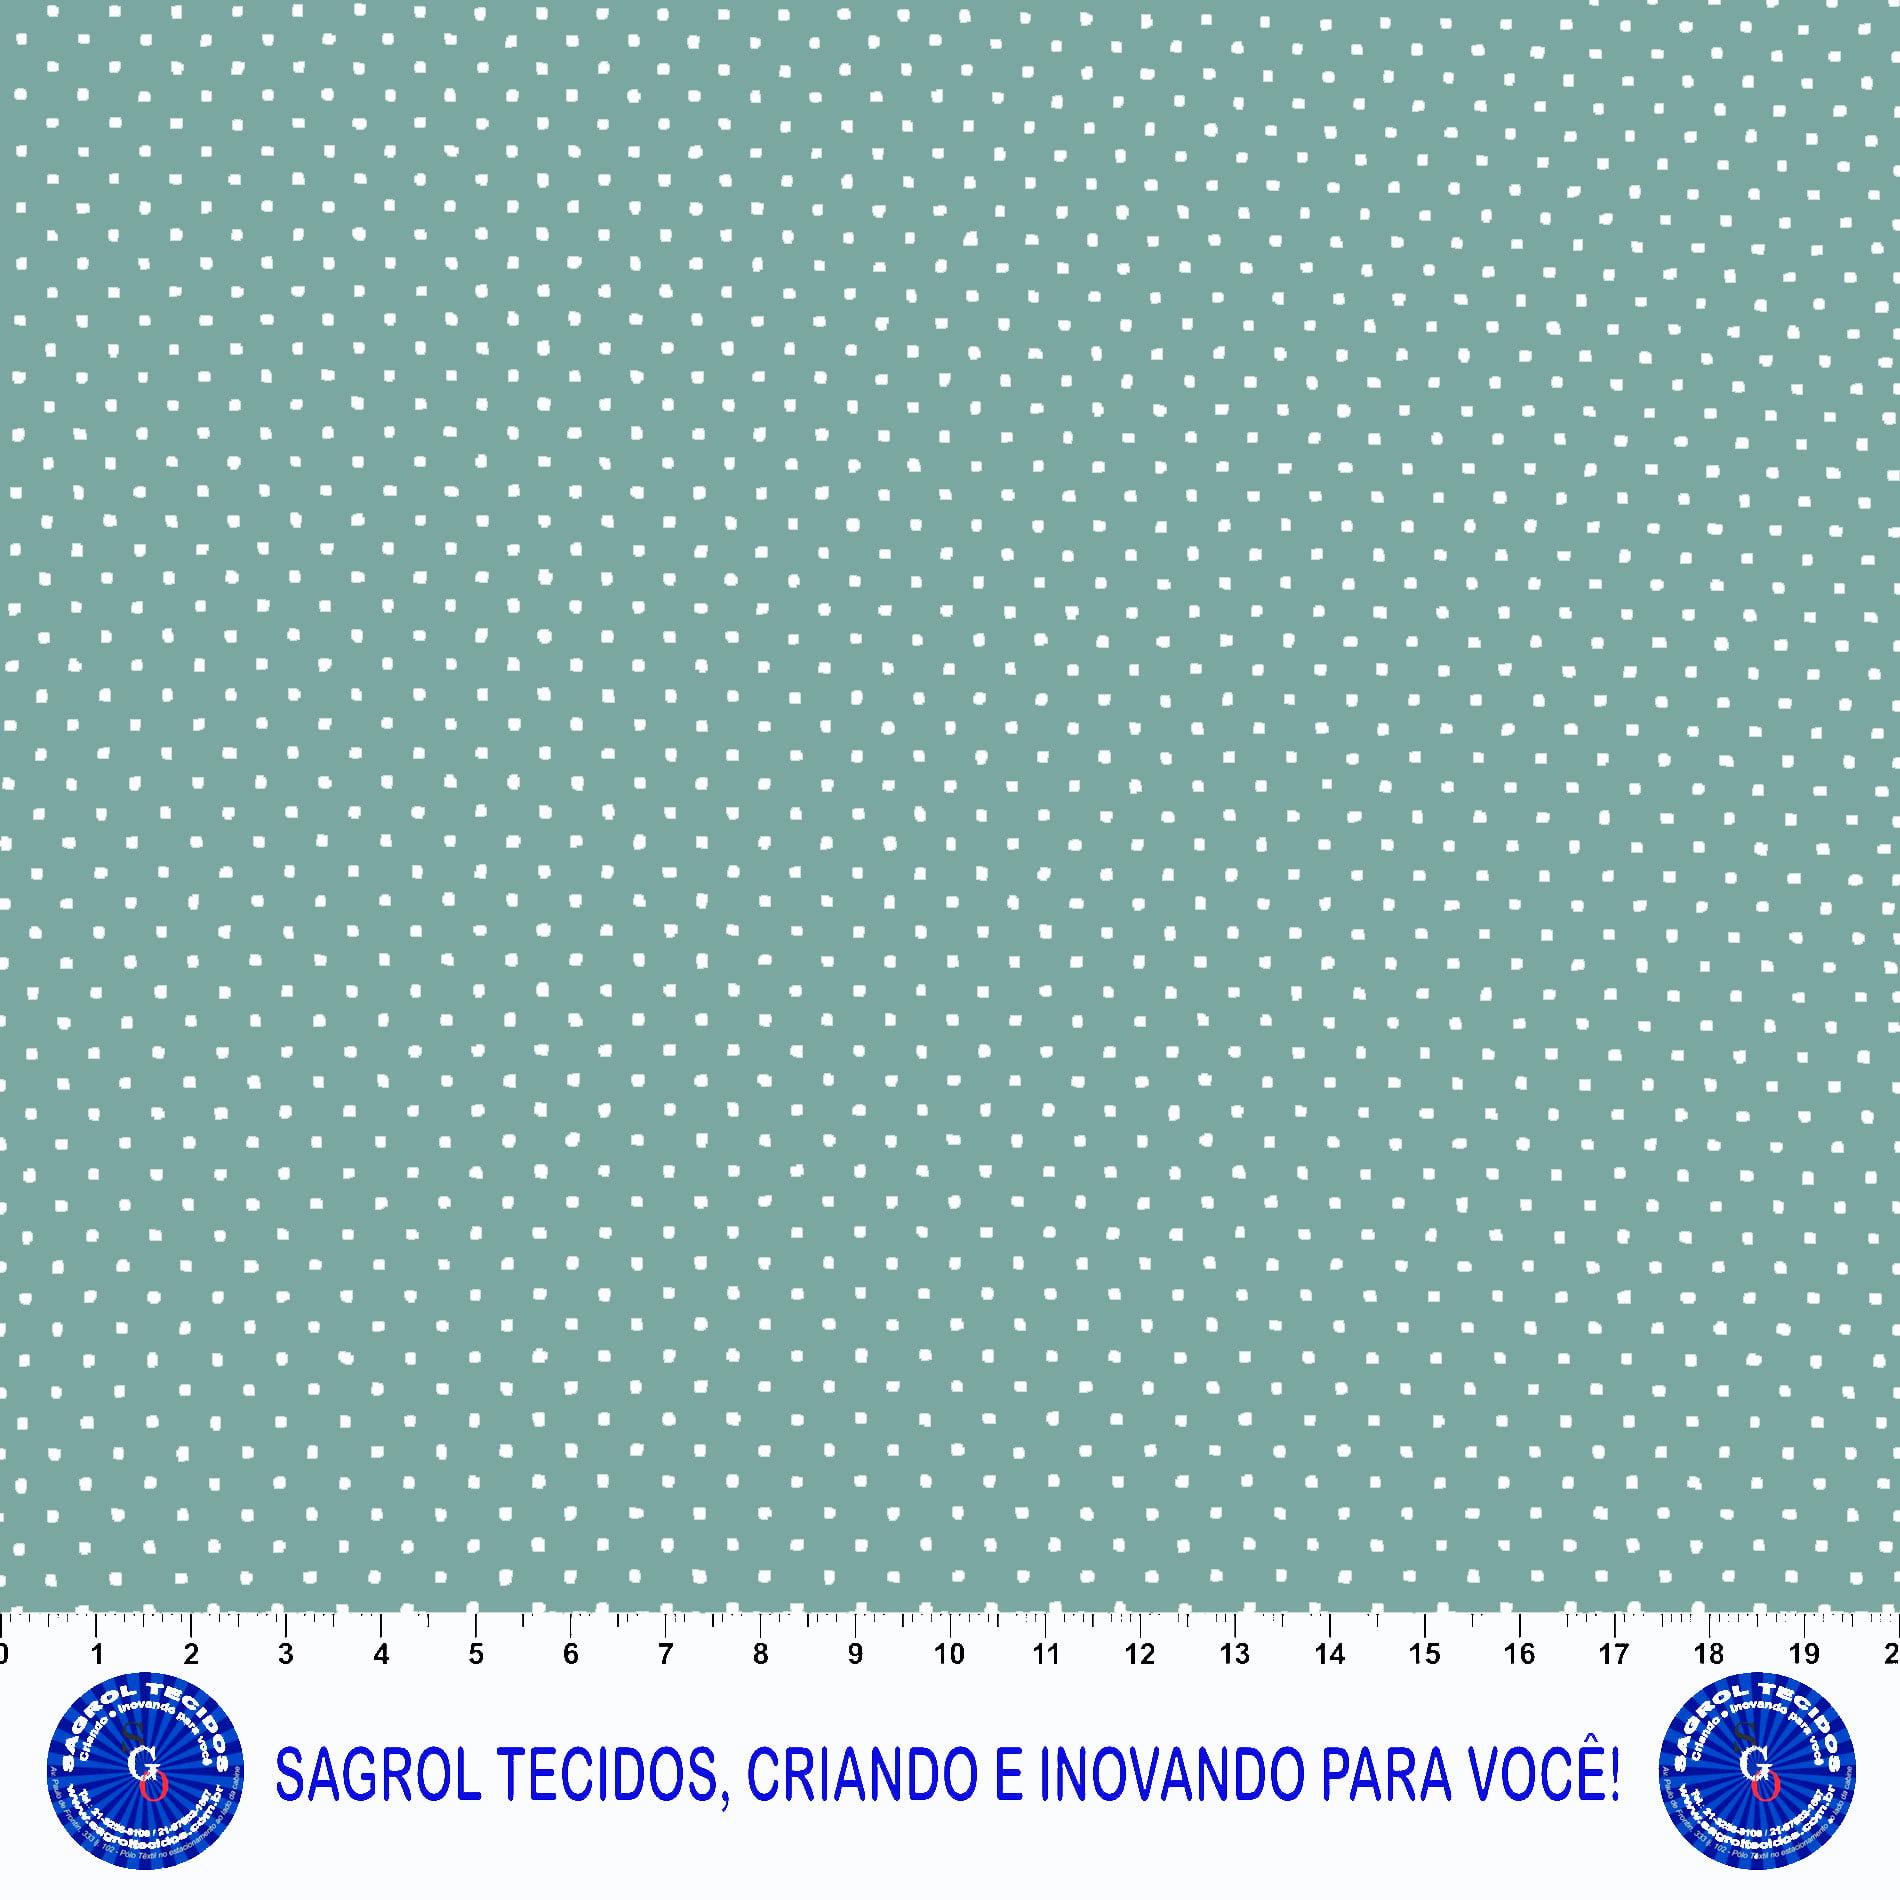 TECIDO TRICOLINE ESTAMPA POÁ BRANCO FUNDO VERDE 100%ALGODÃO COM 1,50 LG 5EED93FFAA995